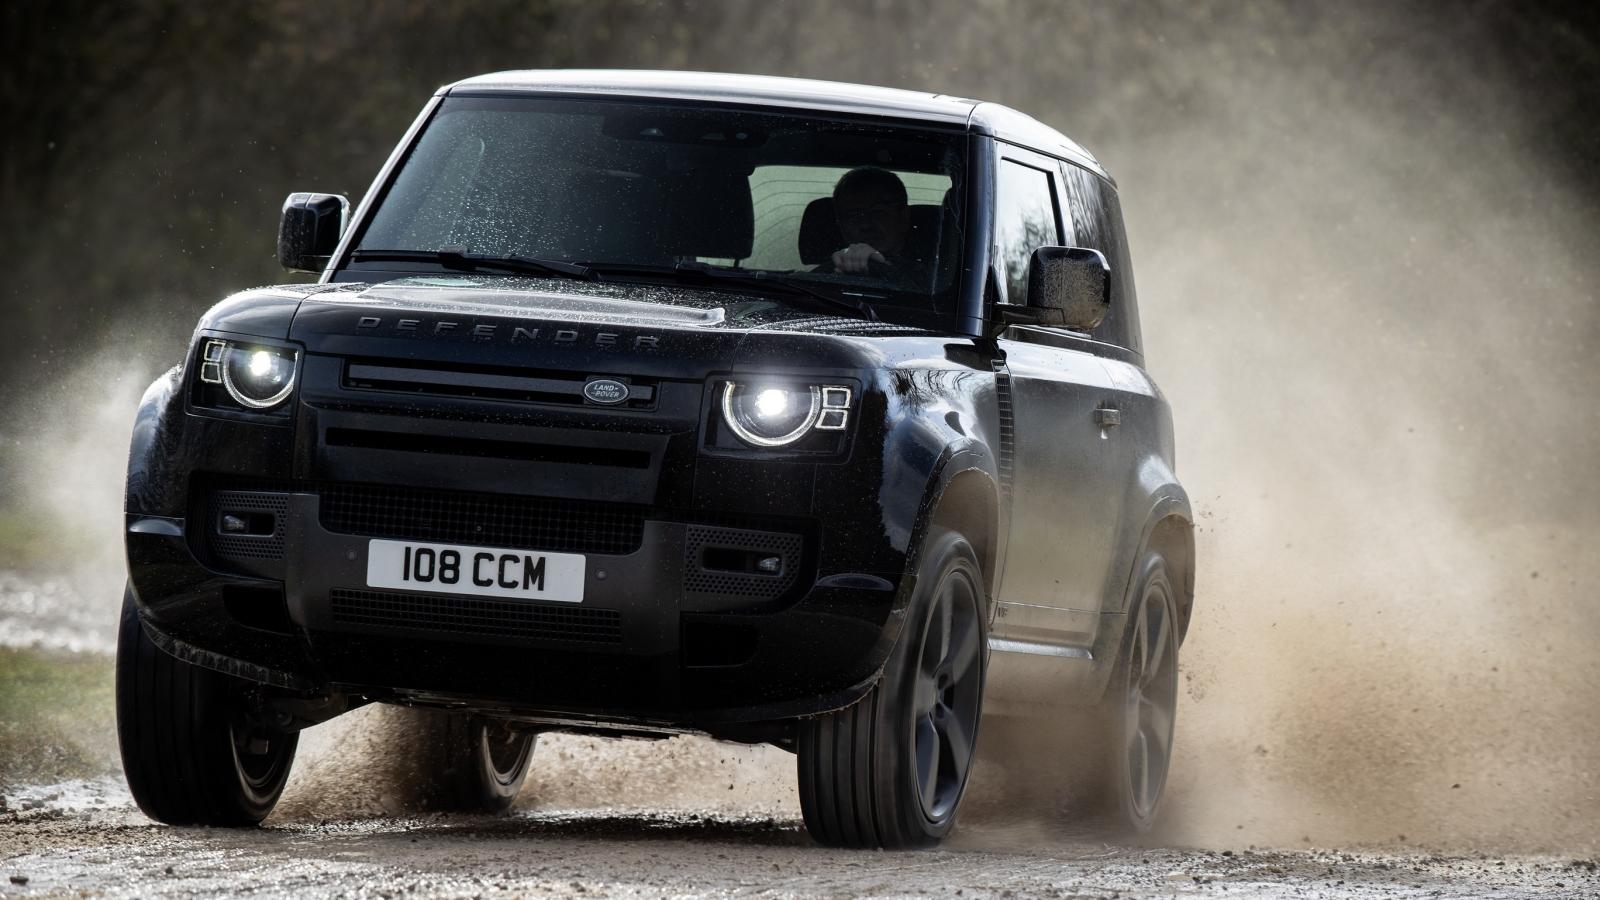 Khám phá Land Rover giới thiệu Defender V8 mới